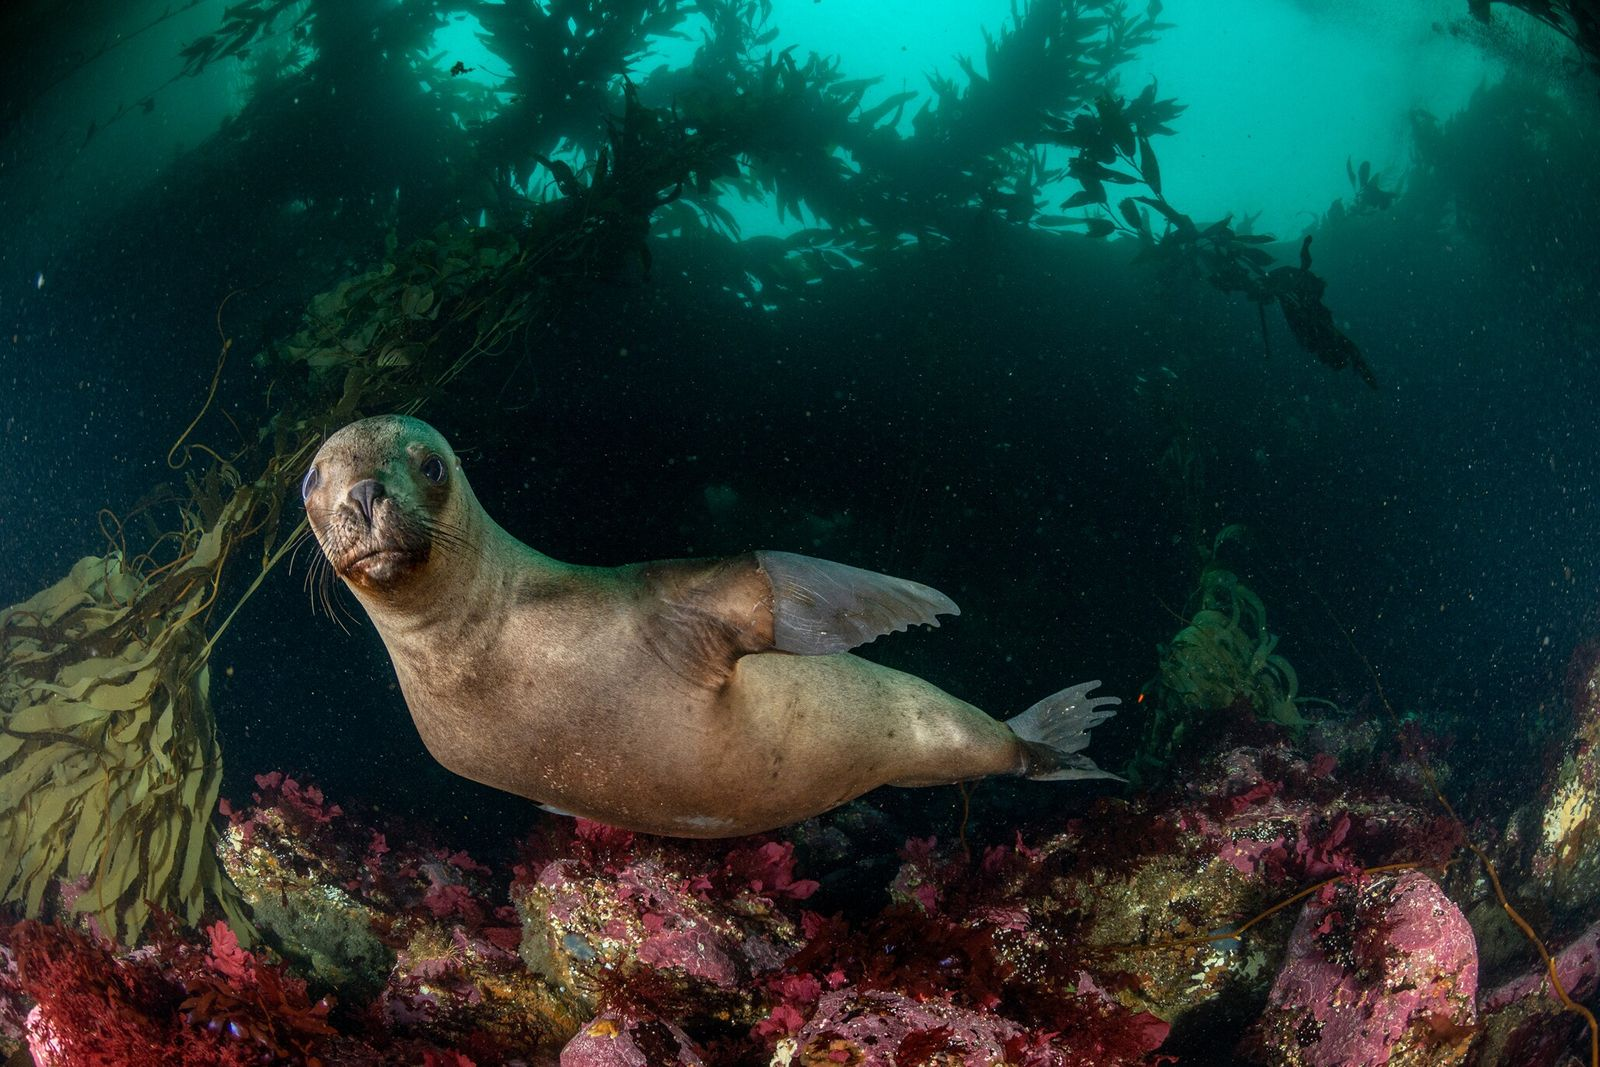 Fotografía de un lobo marino sudamericano